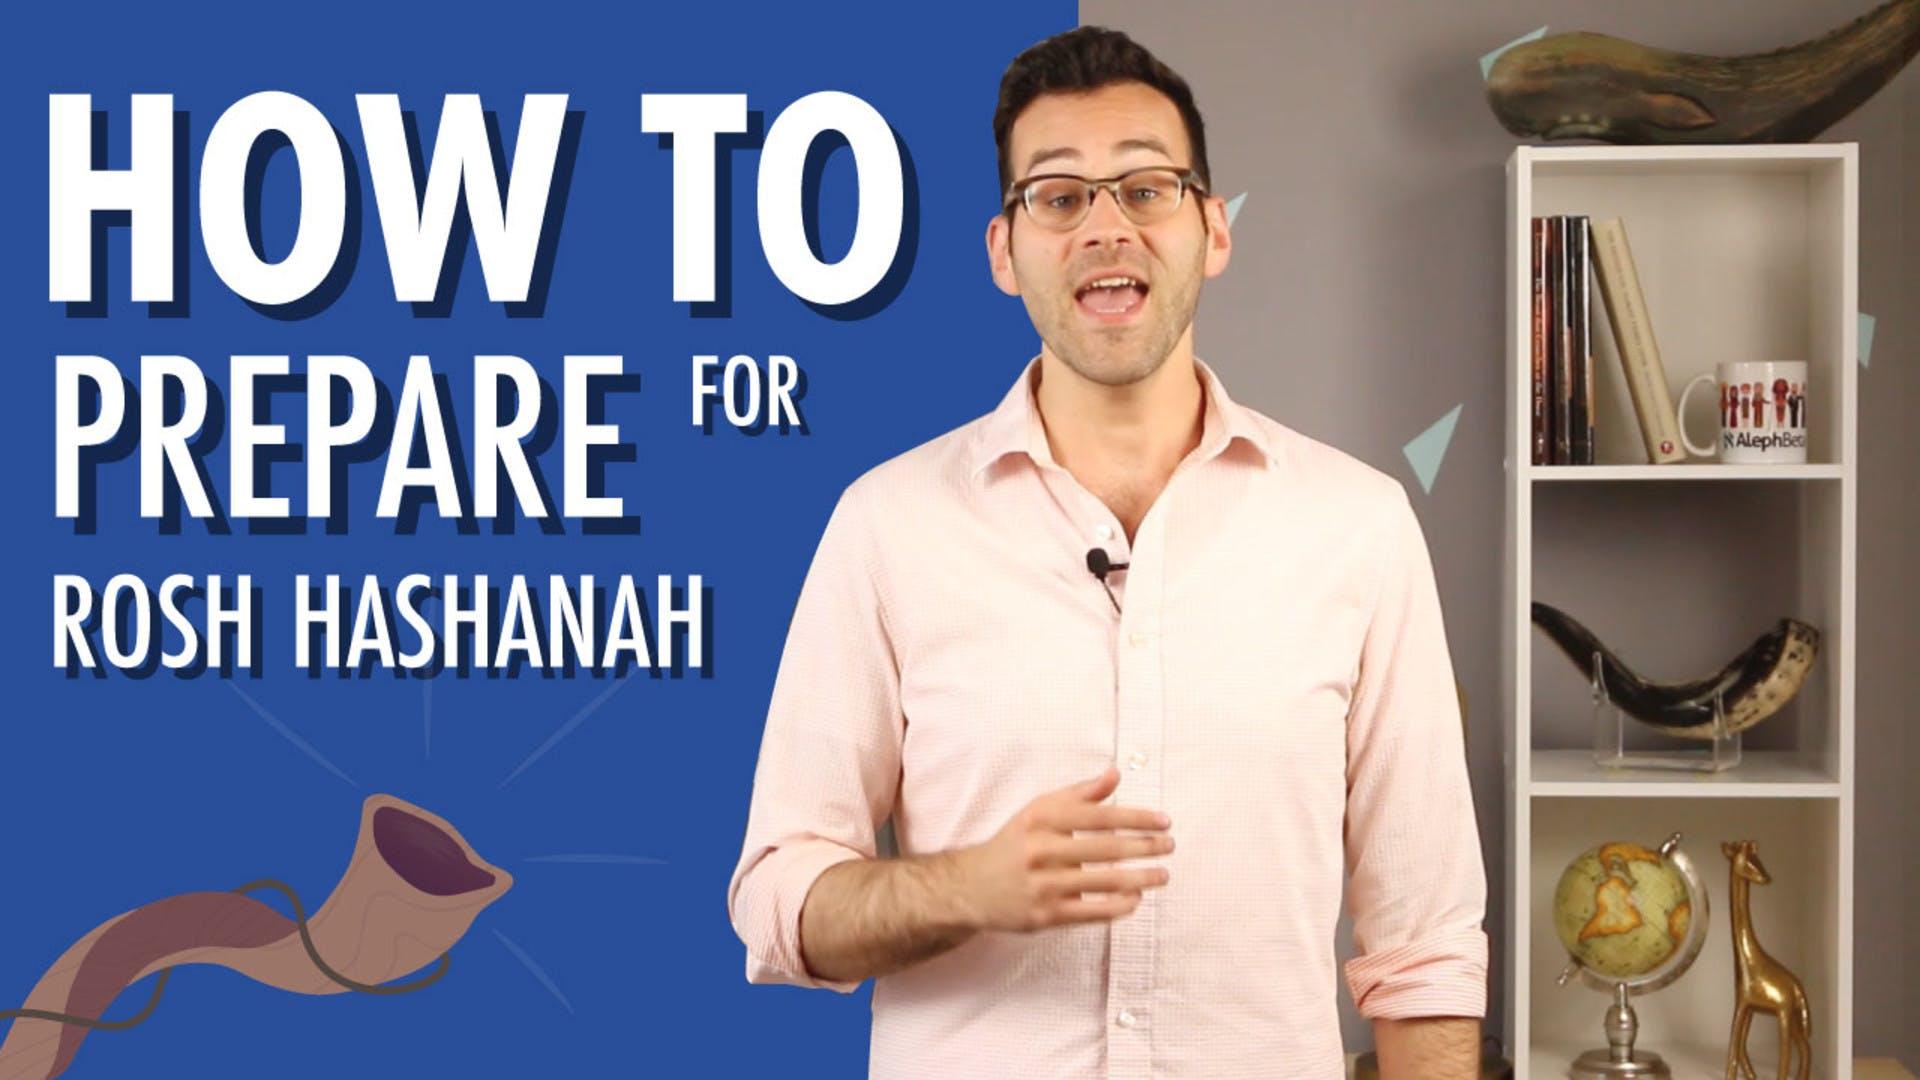 rosh hashanah prayer